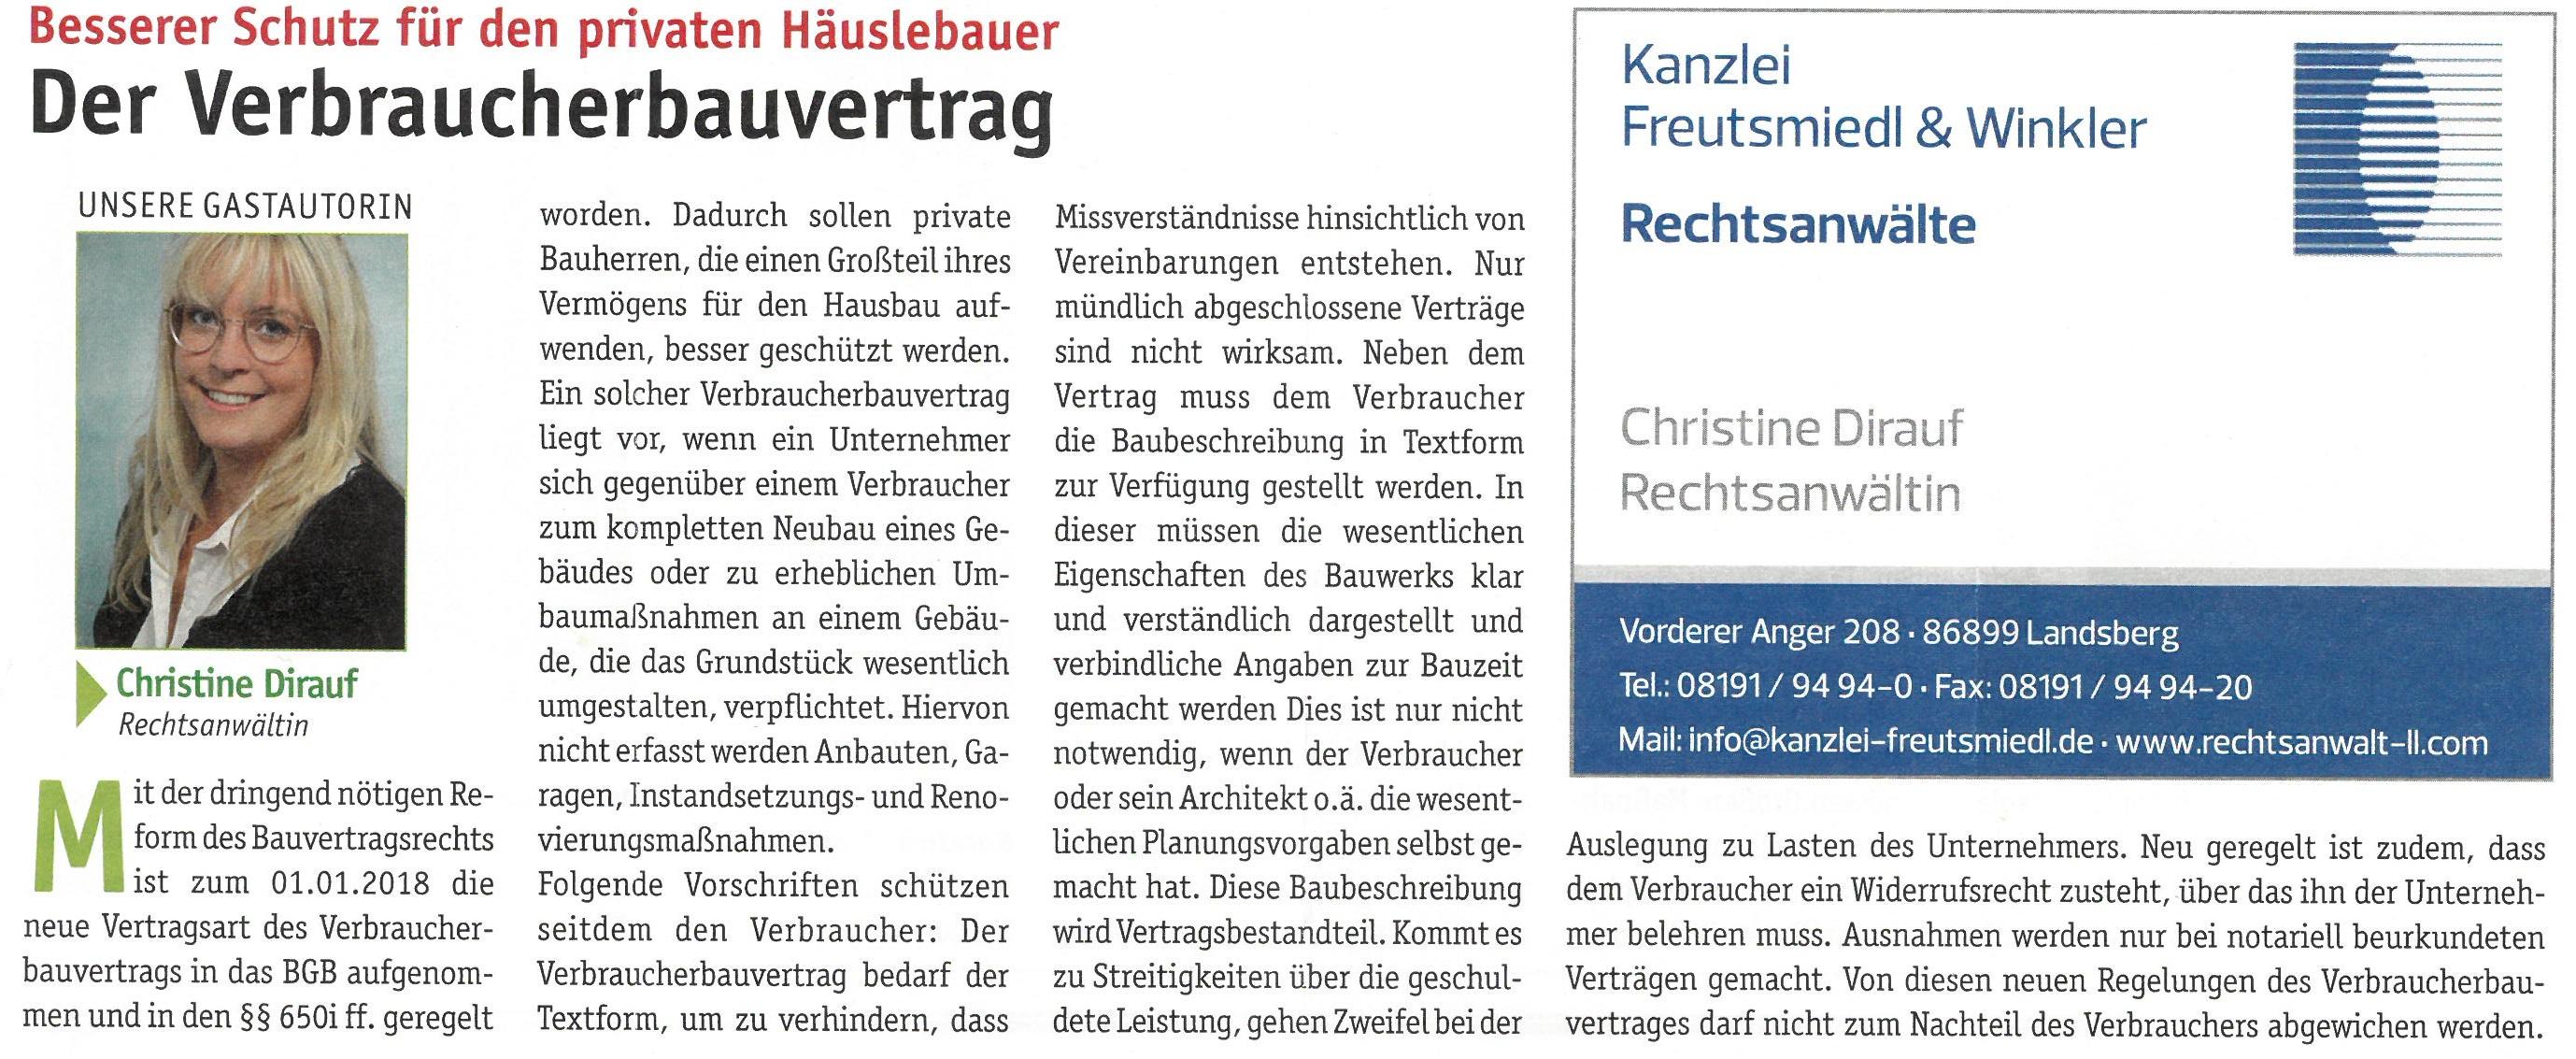 Landsberger Monatszeitung, 06/2018